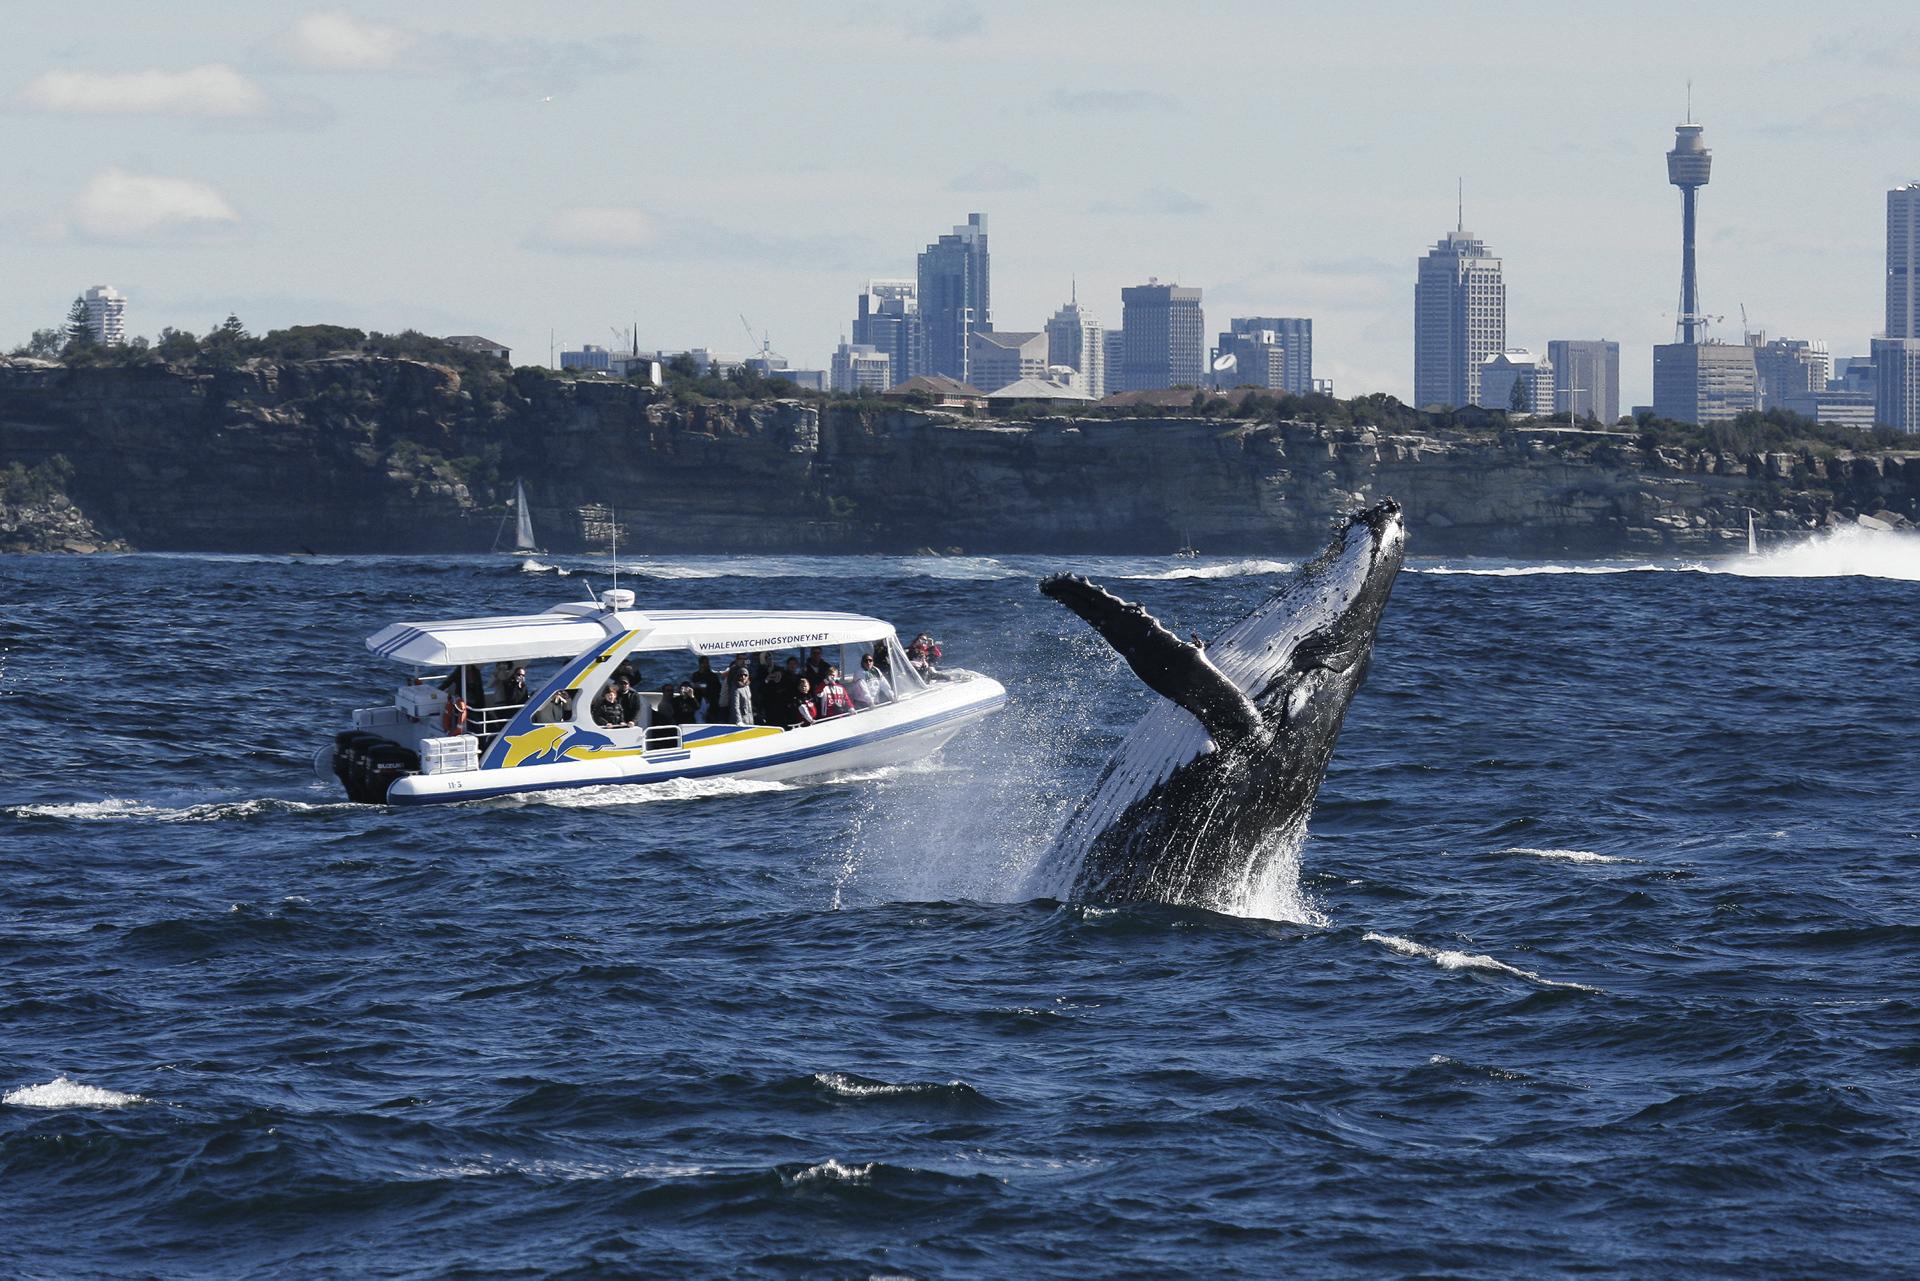 Walbeobachtung im Hafen von Sydney ©jonas liebschner